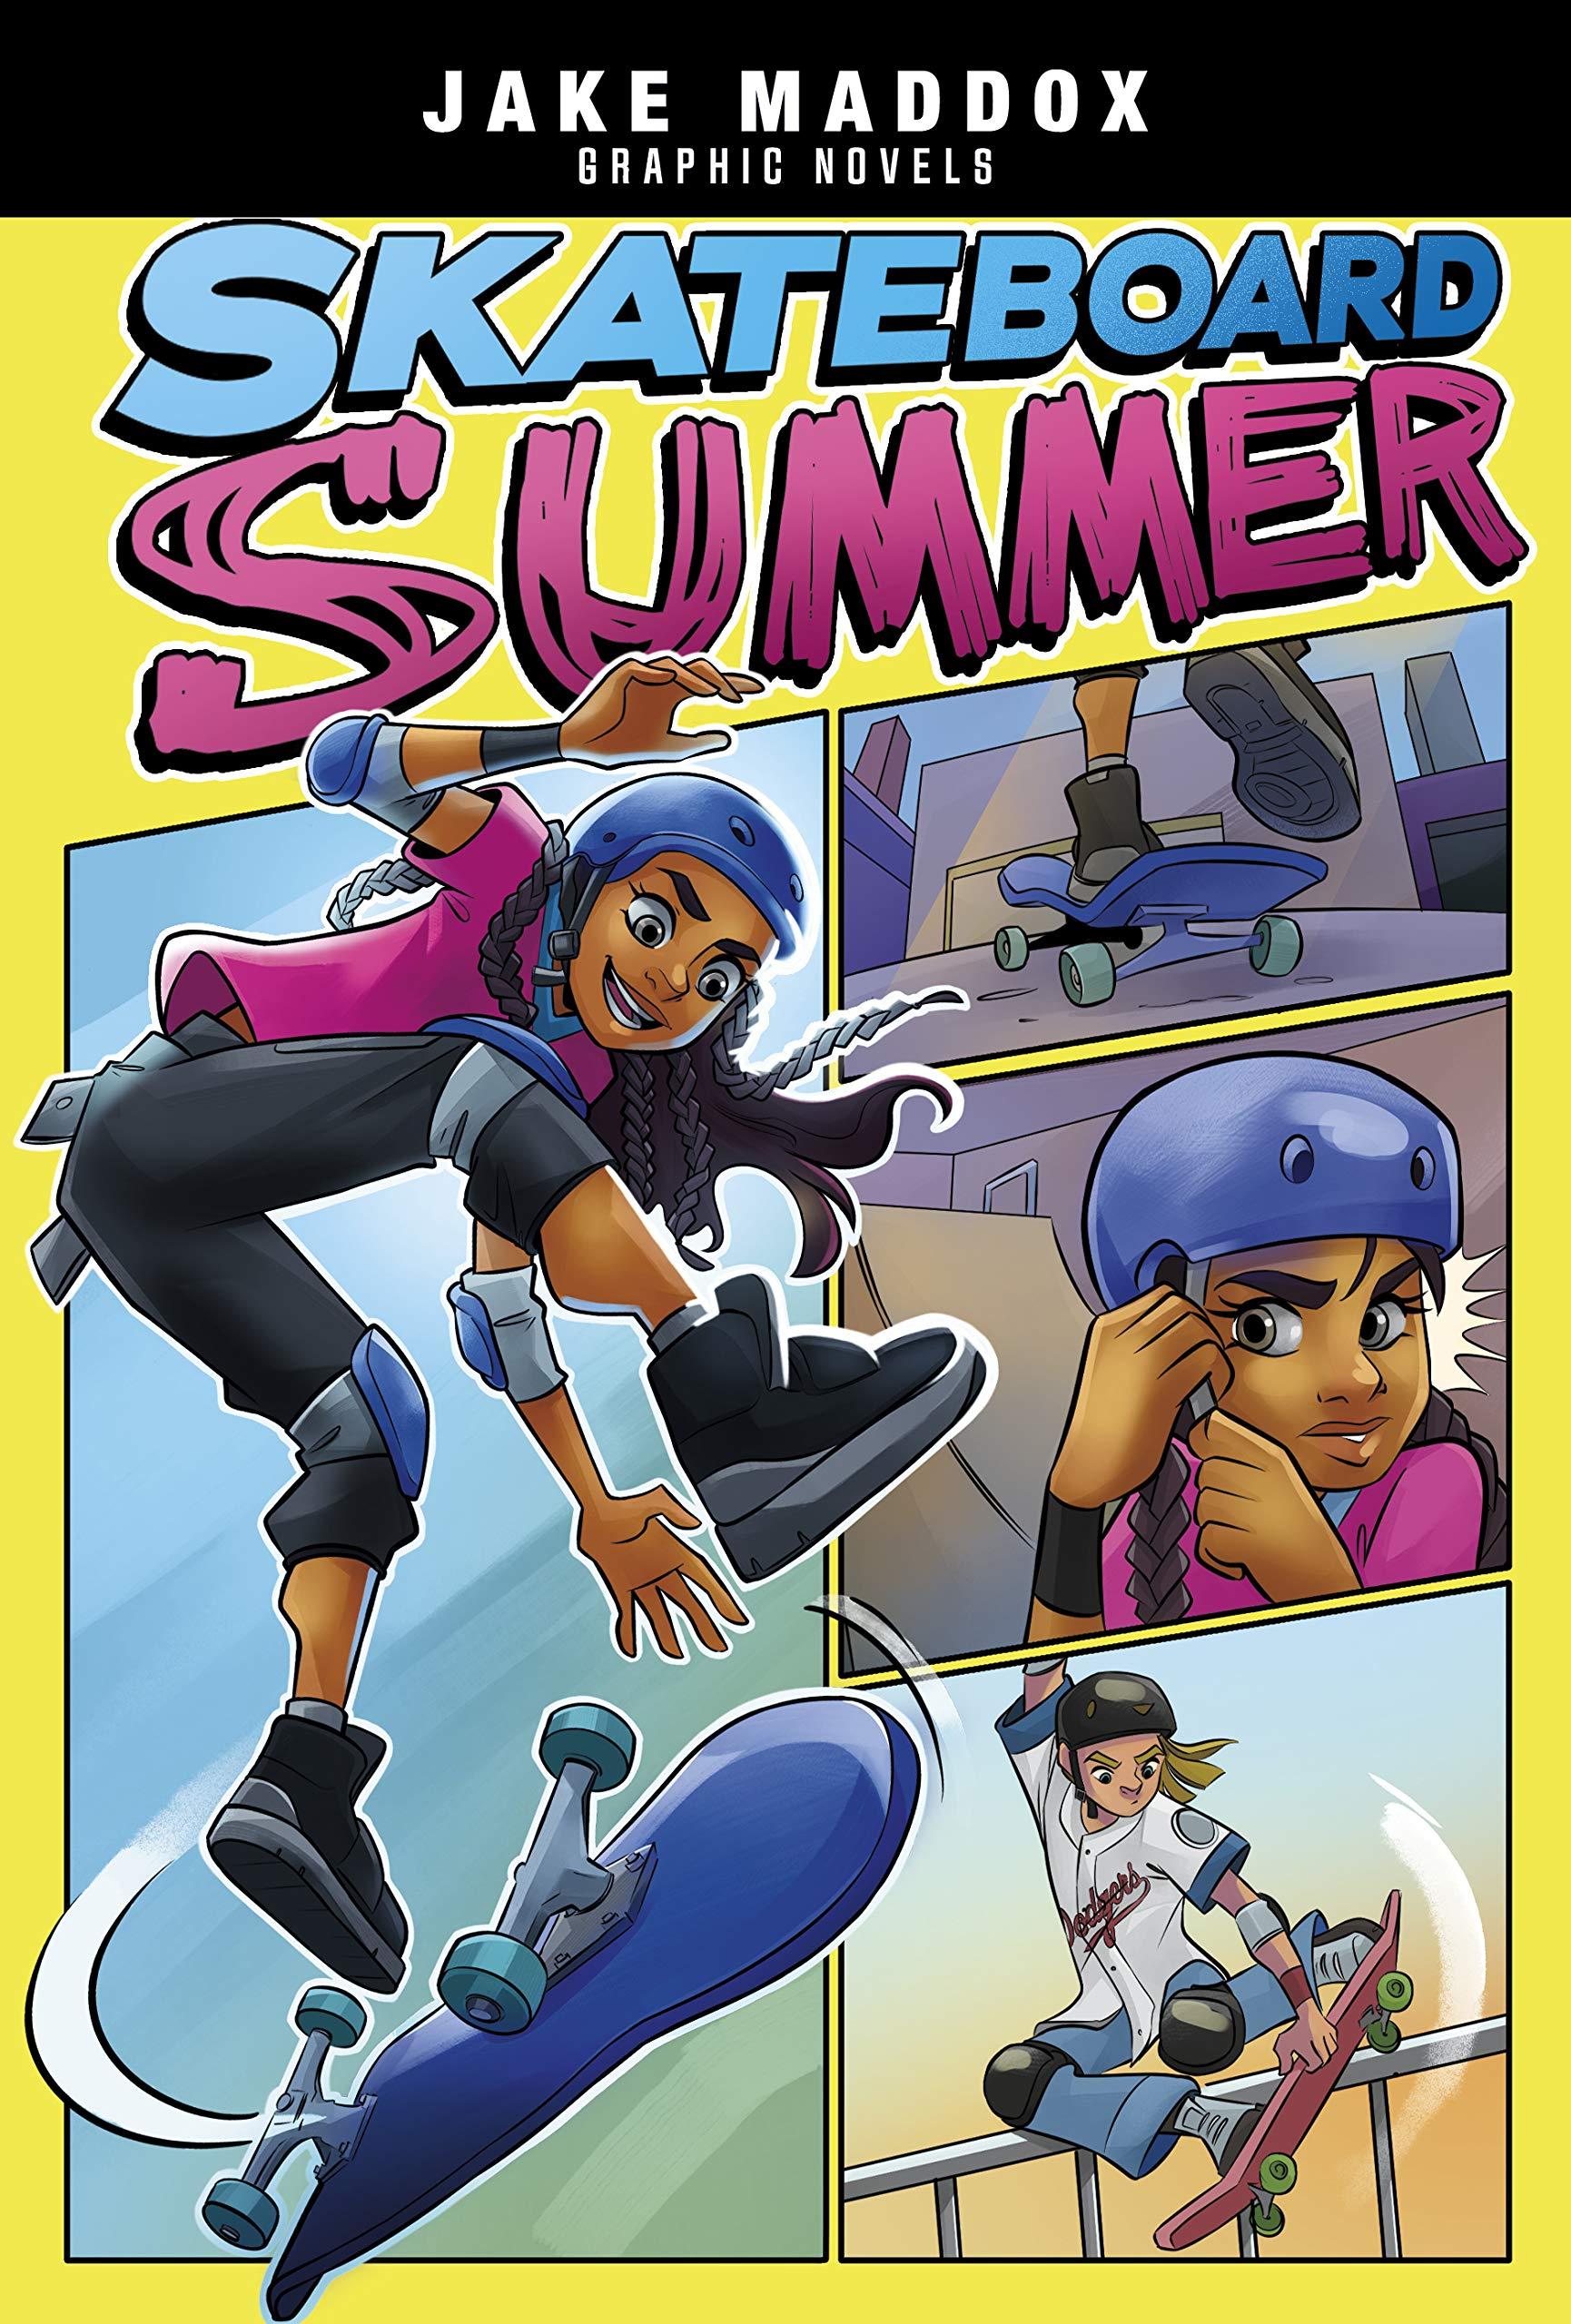 Best Graphic Novels Of 2021 Skateboard Summer (Jake Maddox Graphic Novels): Jake Maddox, Mel